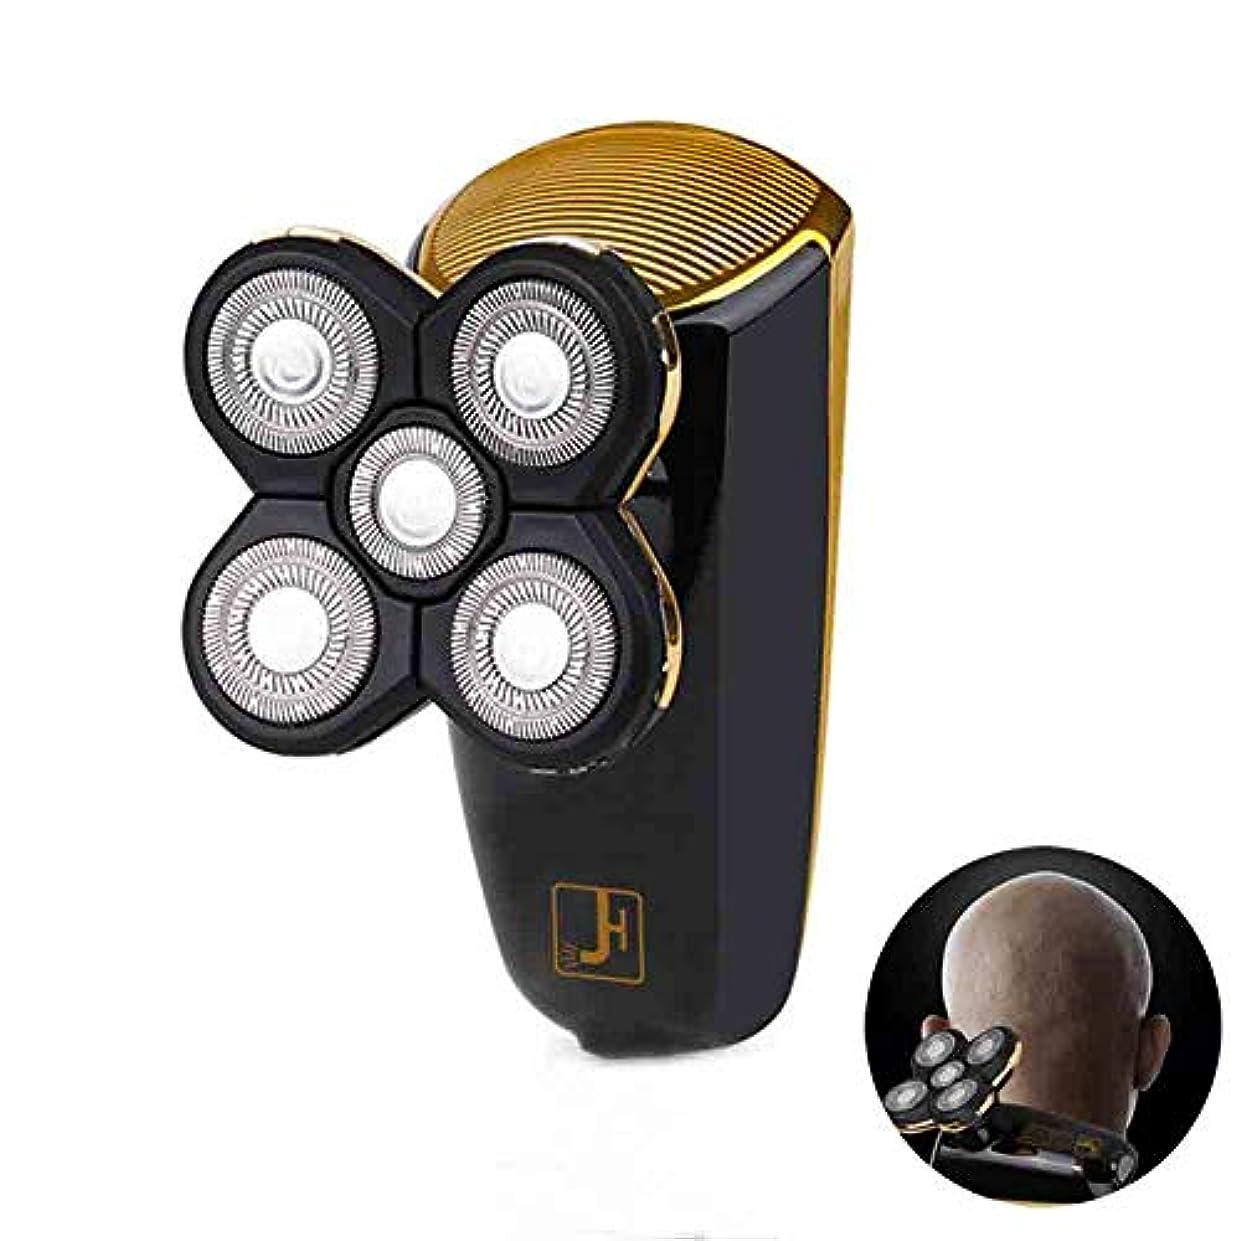 肘経済宿電気シェーバー、USB 充電5頭電気シェーバー全身洗浄することができます、LED ブートディスプレイ車脱毛、黒